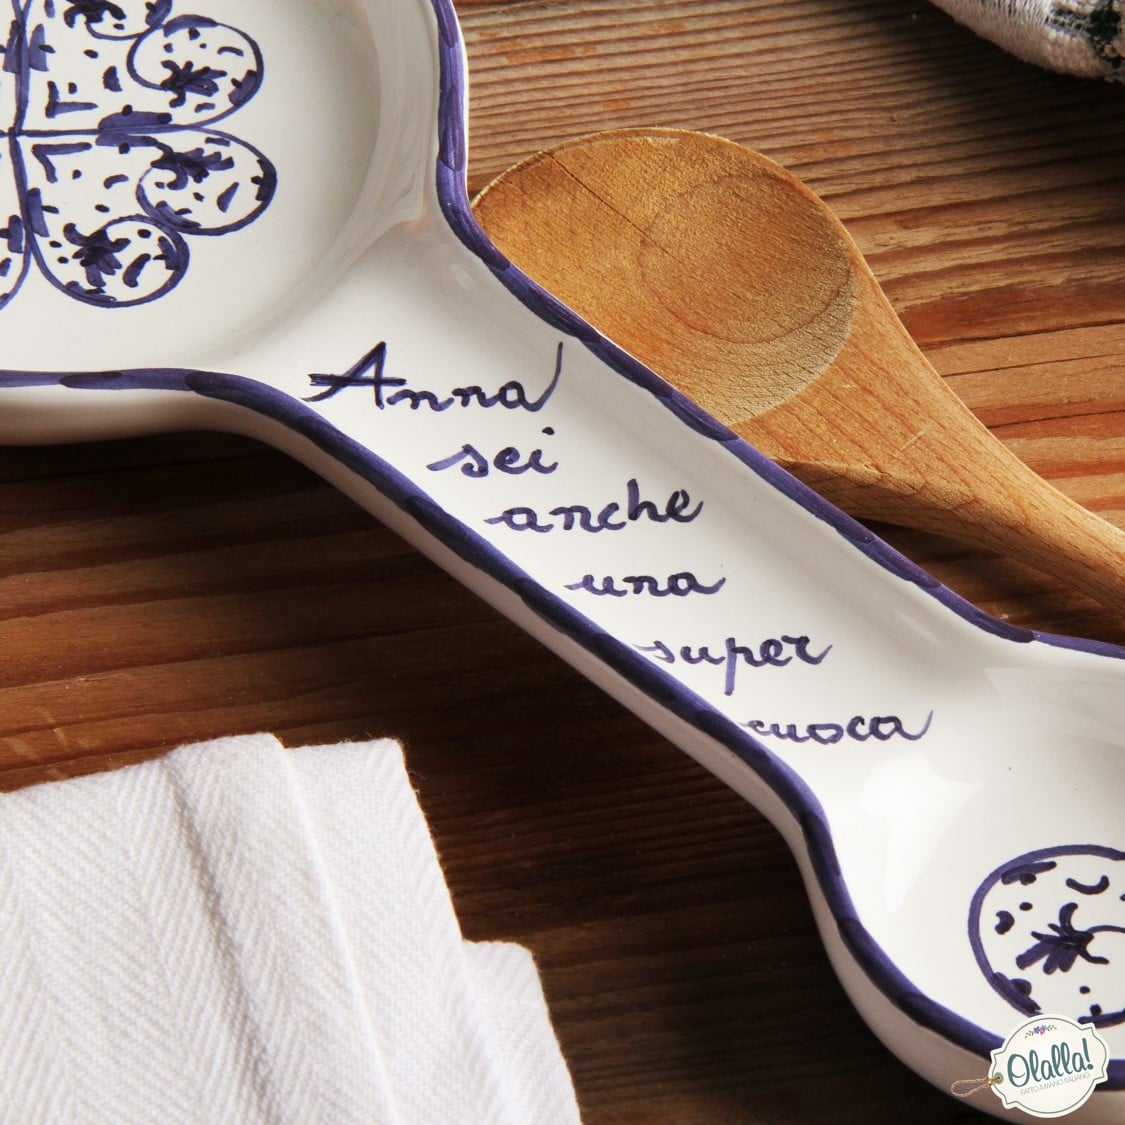 Poggiamestoli Personalizzato in Ceramica con Frase a Scelta